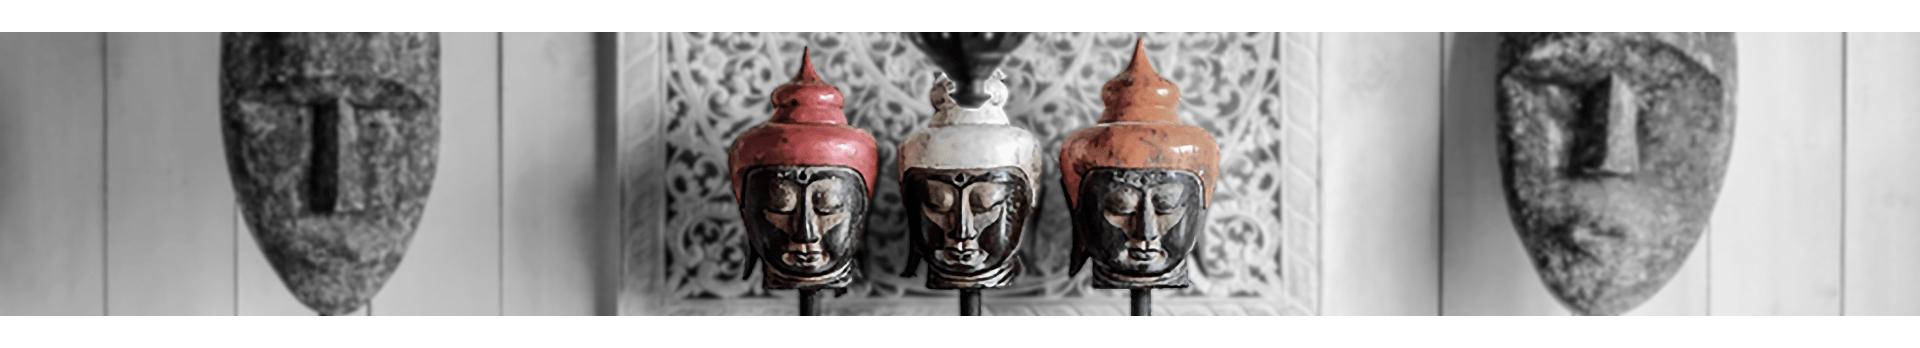 Figuras Decorativas para el Hogar | Mobelfy ®